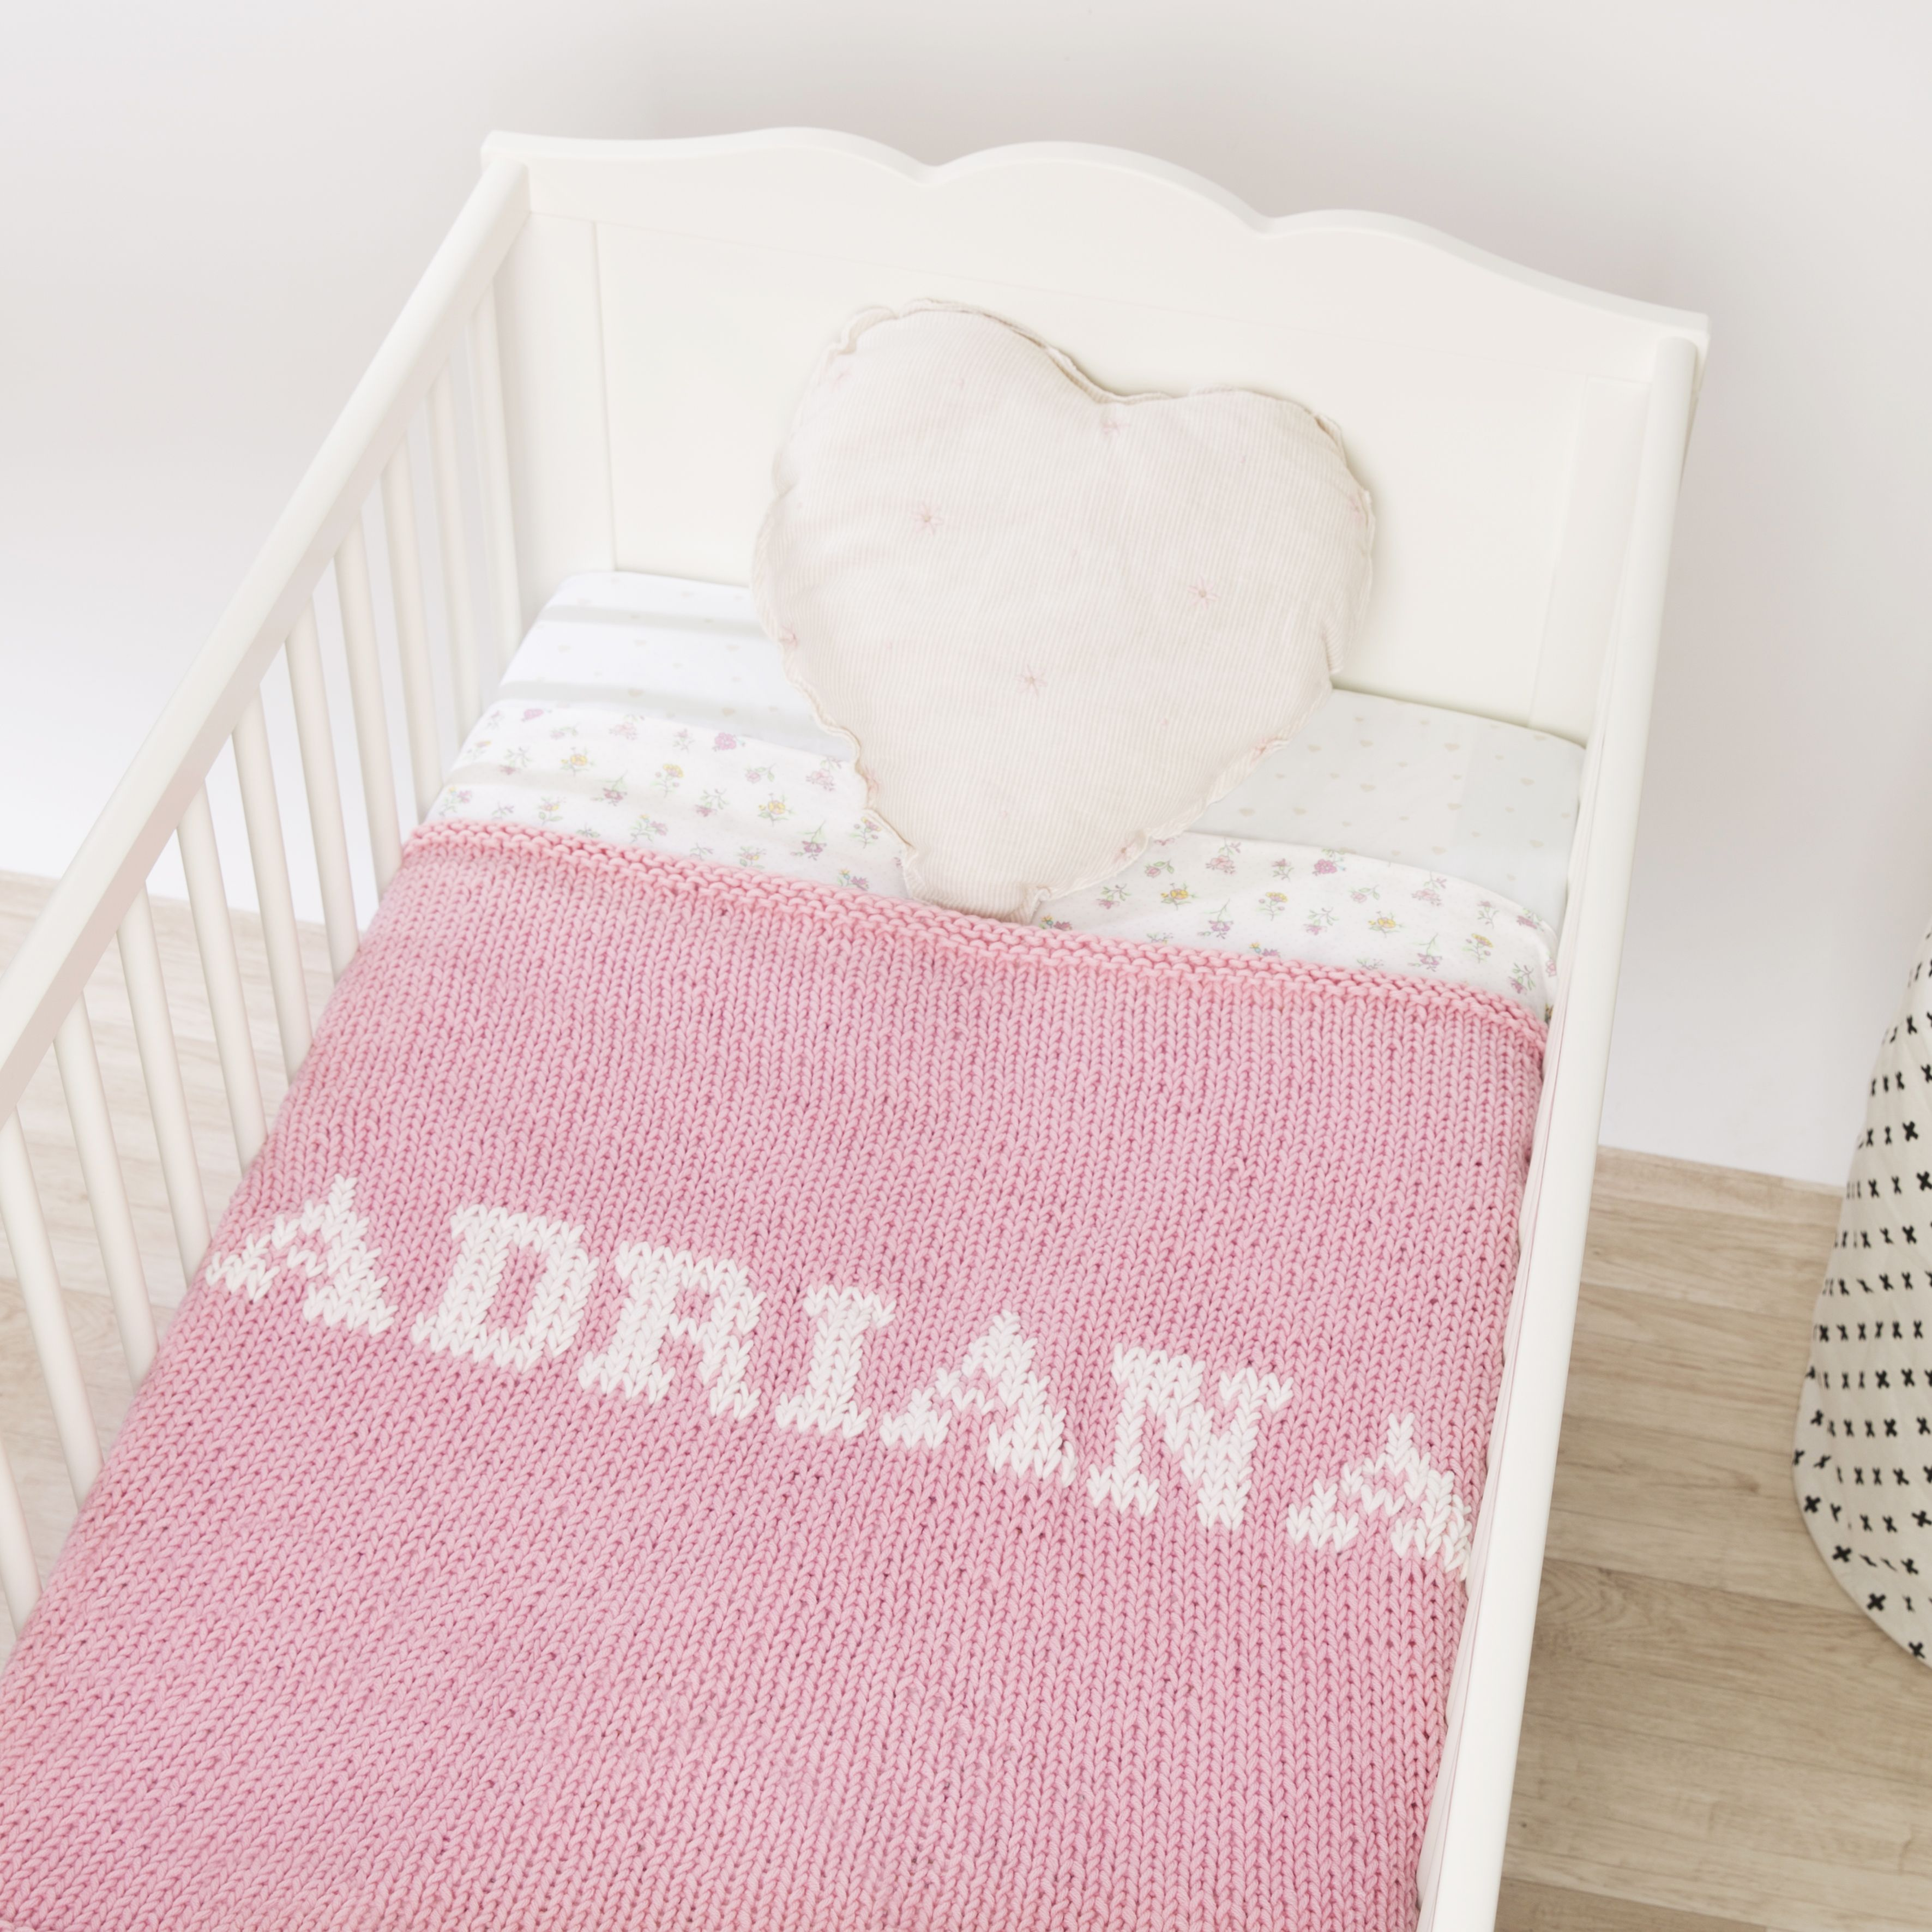 Loving Yarn Adli Kullanicinin My Cozy Blankets Panosundaki Pin Orgu